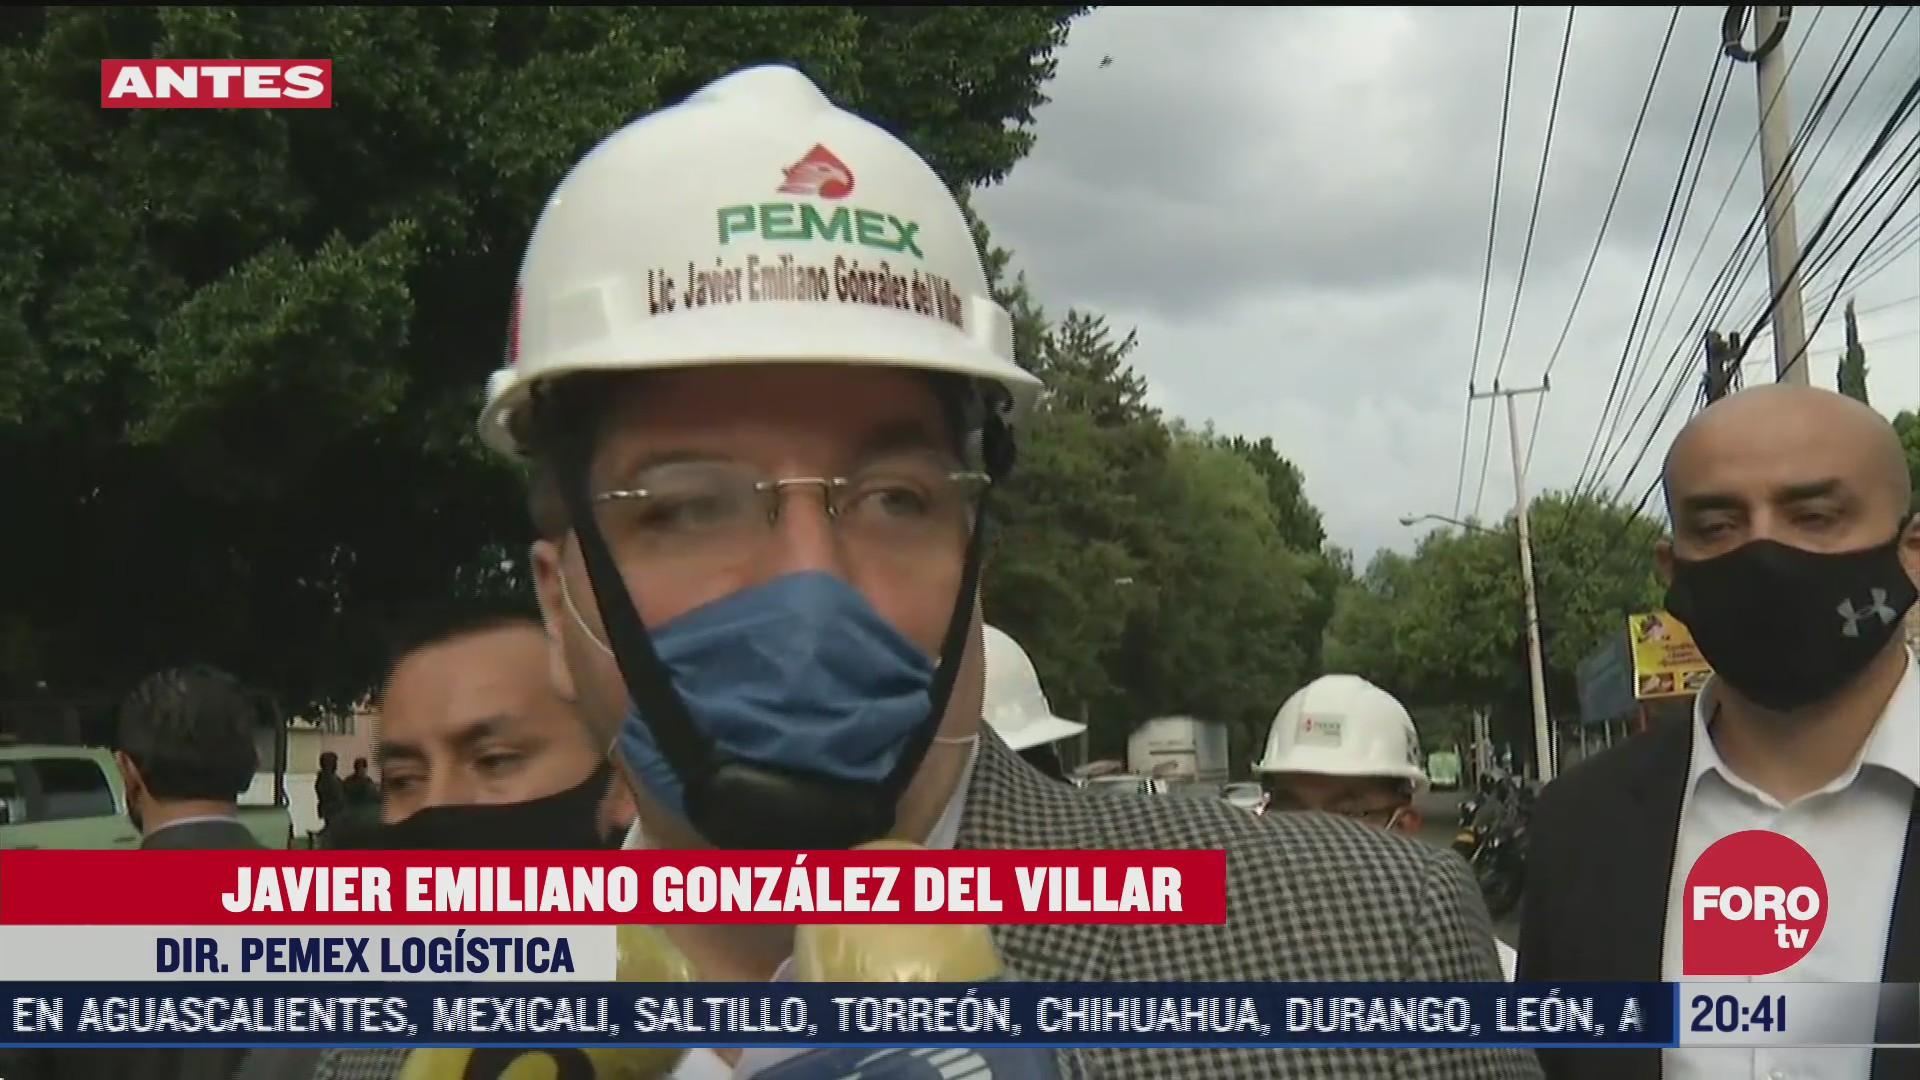 Javier Emiliano González del Villar, director de Pemex Logística, señala que la toma clandestina en Azcapotzalco estaba conectada a una bodega